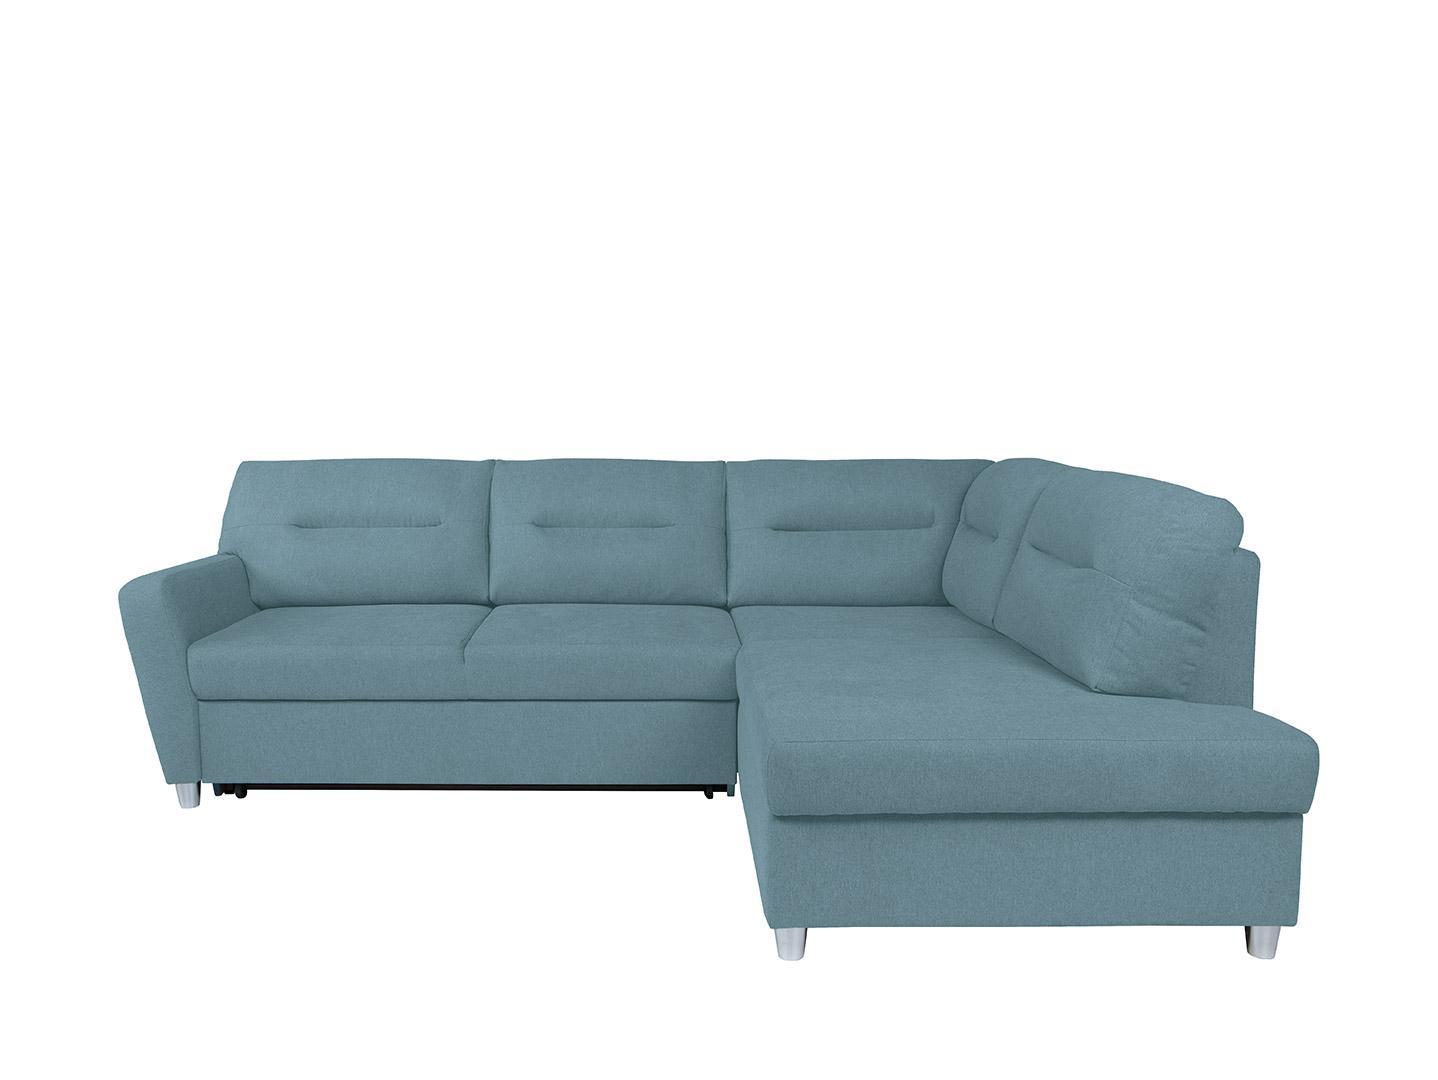 Rohová sedačka BRW Sotelo 2F.RECBK (tyrkysová) (P)